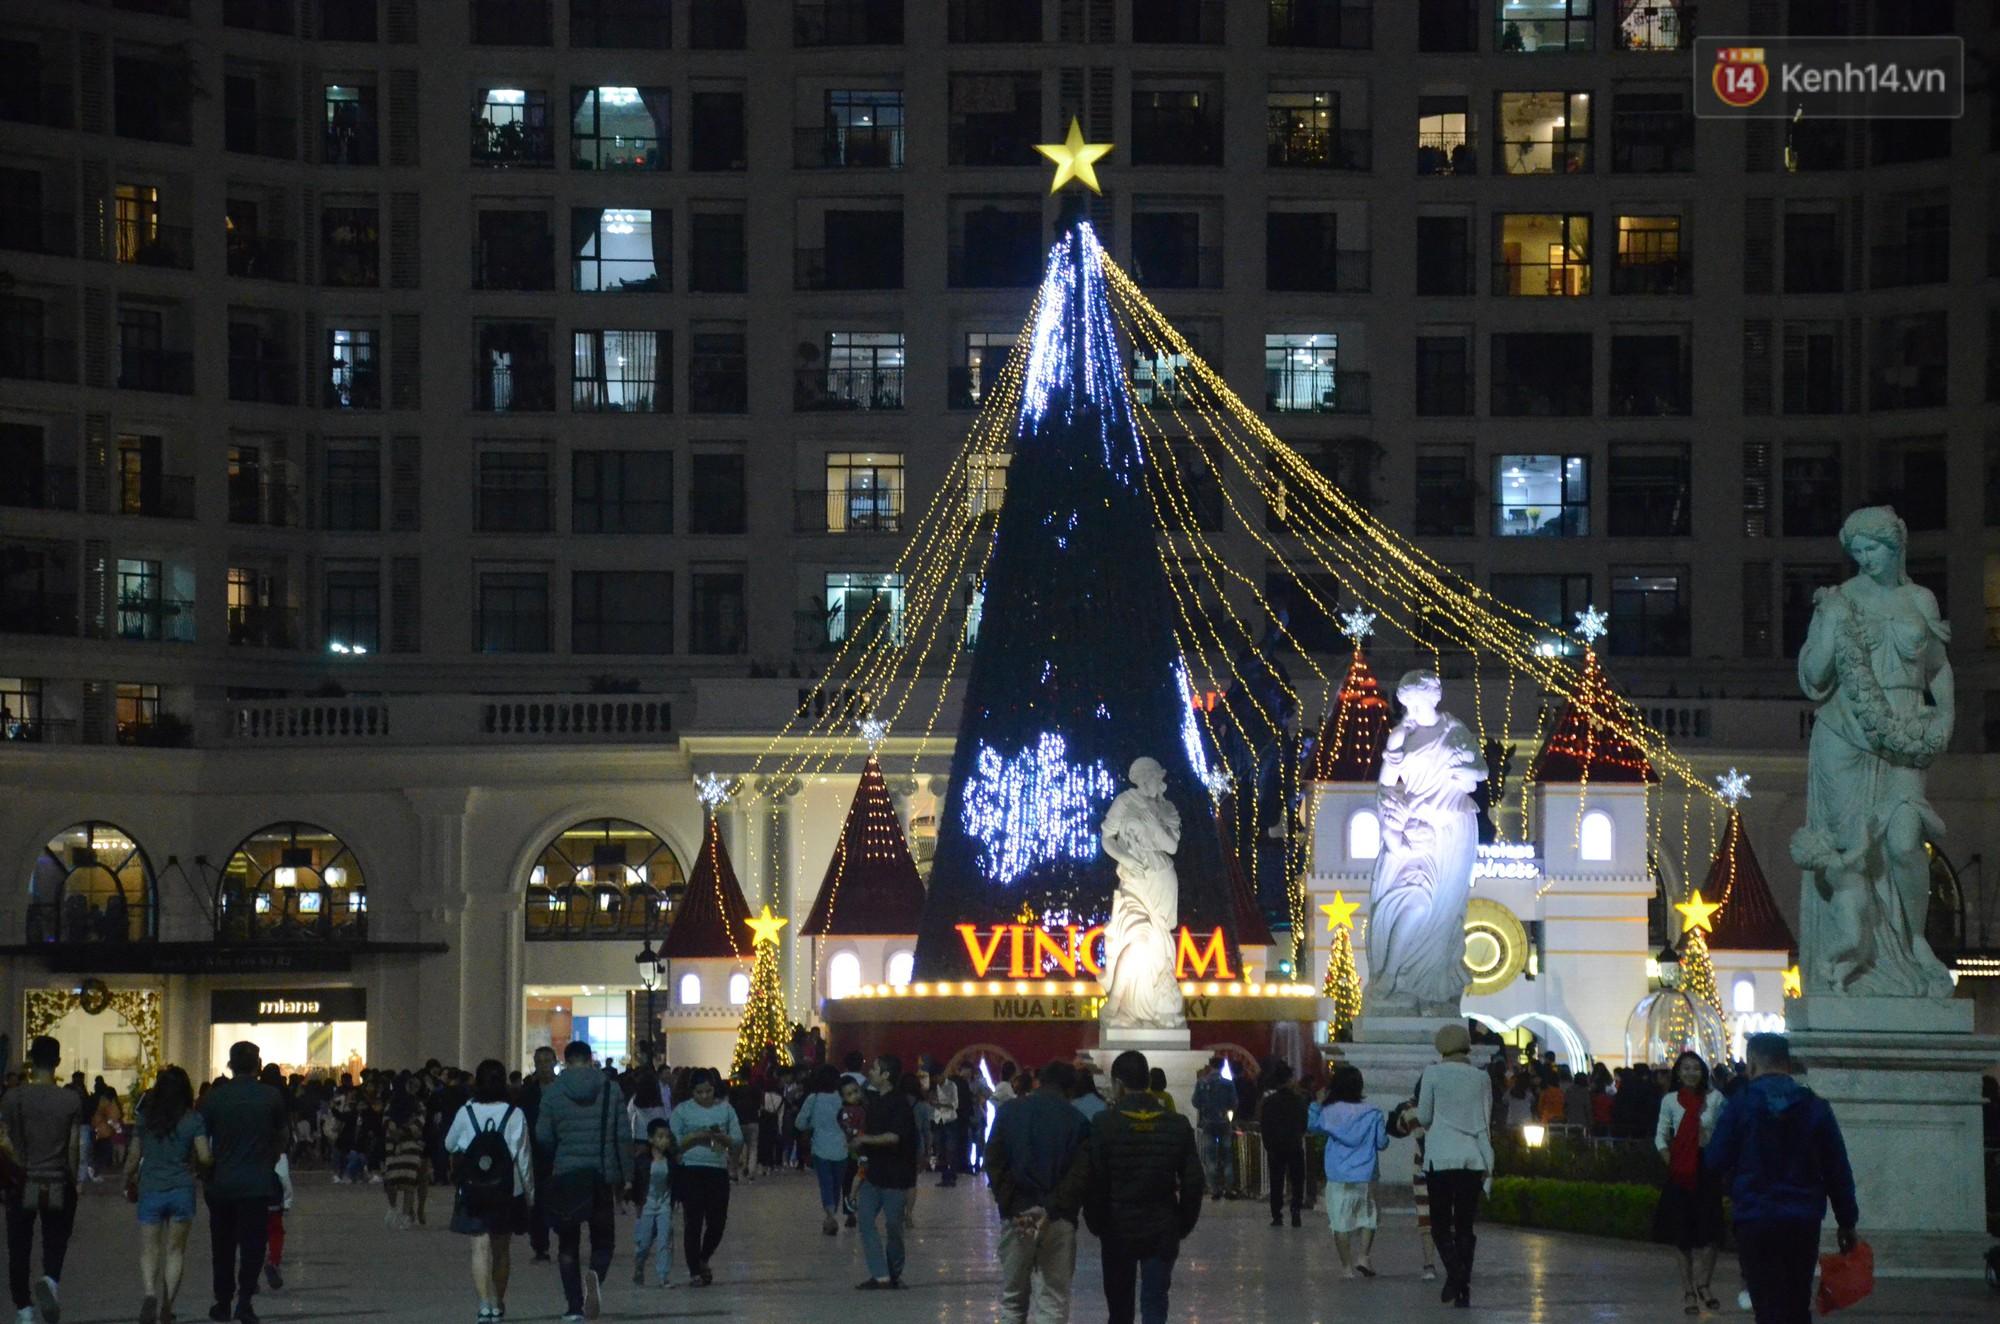 Người dân Hà Nội, Sài Gòn và Đà Nẵng nô nức xuống đường, khắp phố phường khoác lên mình tấm áo Giáng sinh đầy màu sắc - Ảnh 5.